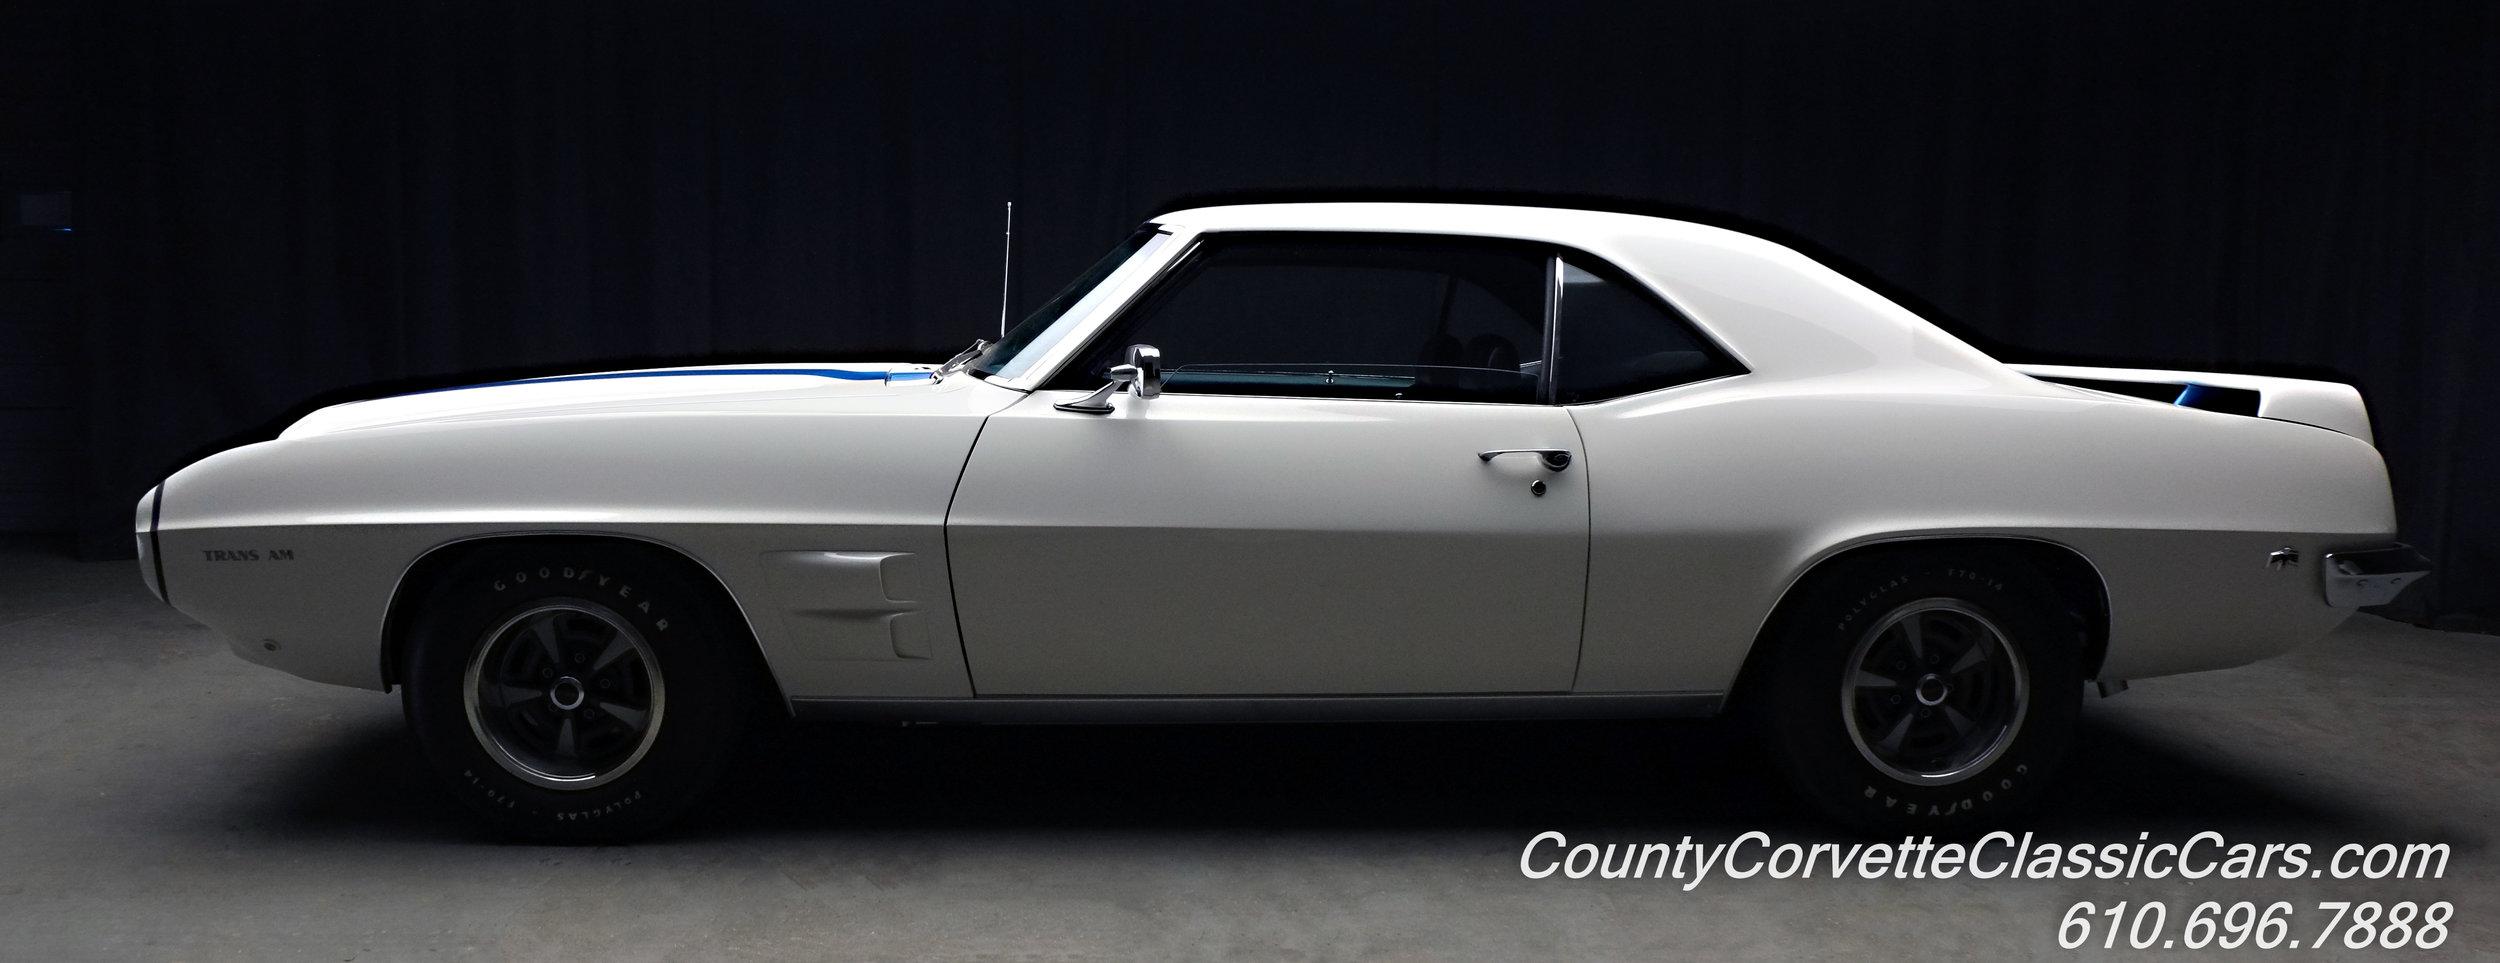 1969 Pontiac Trans Am White